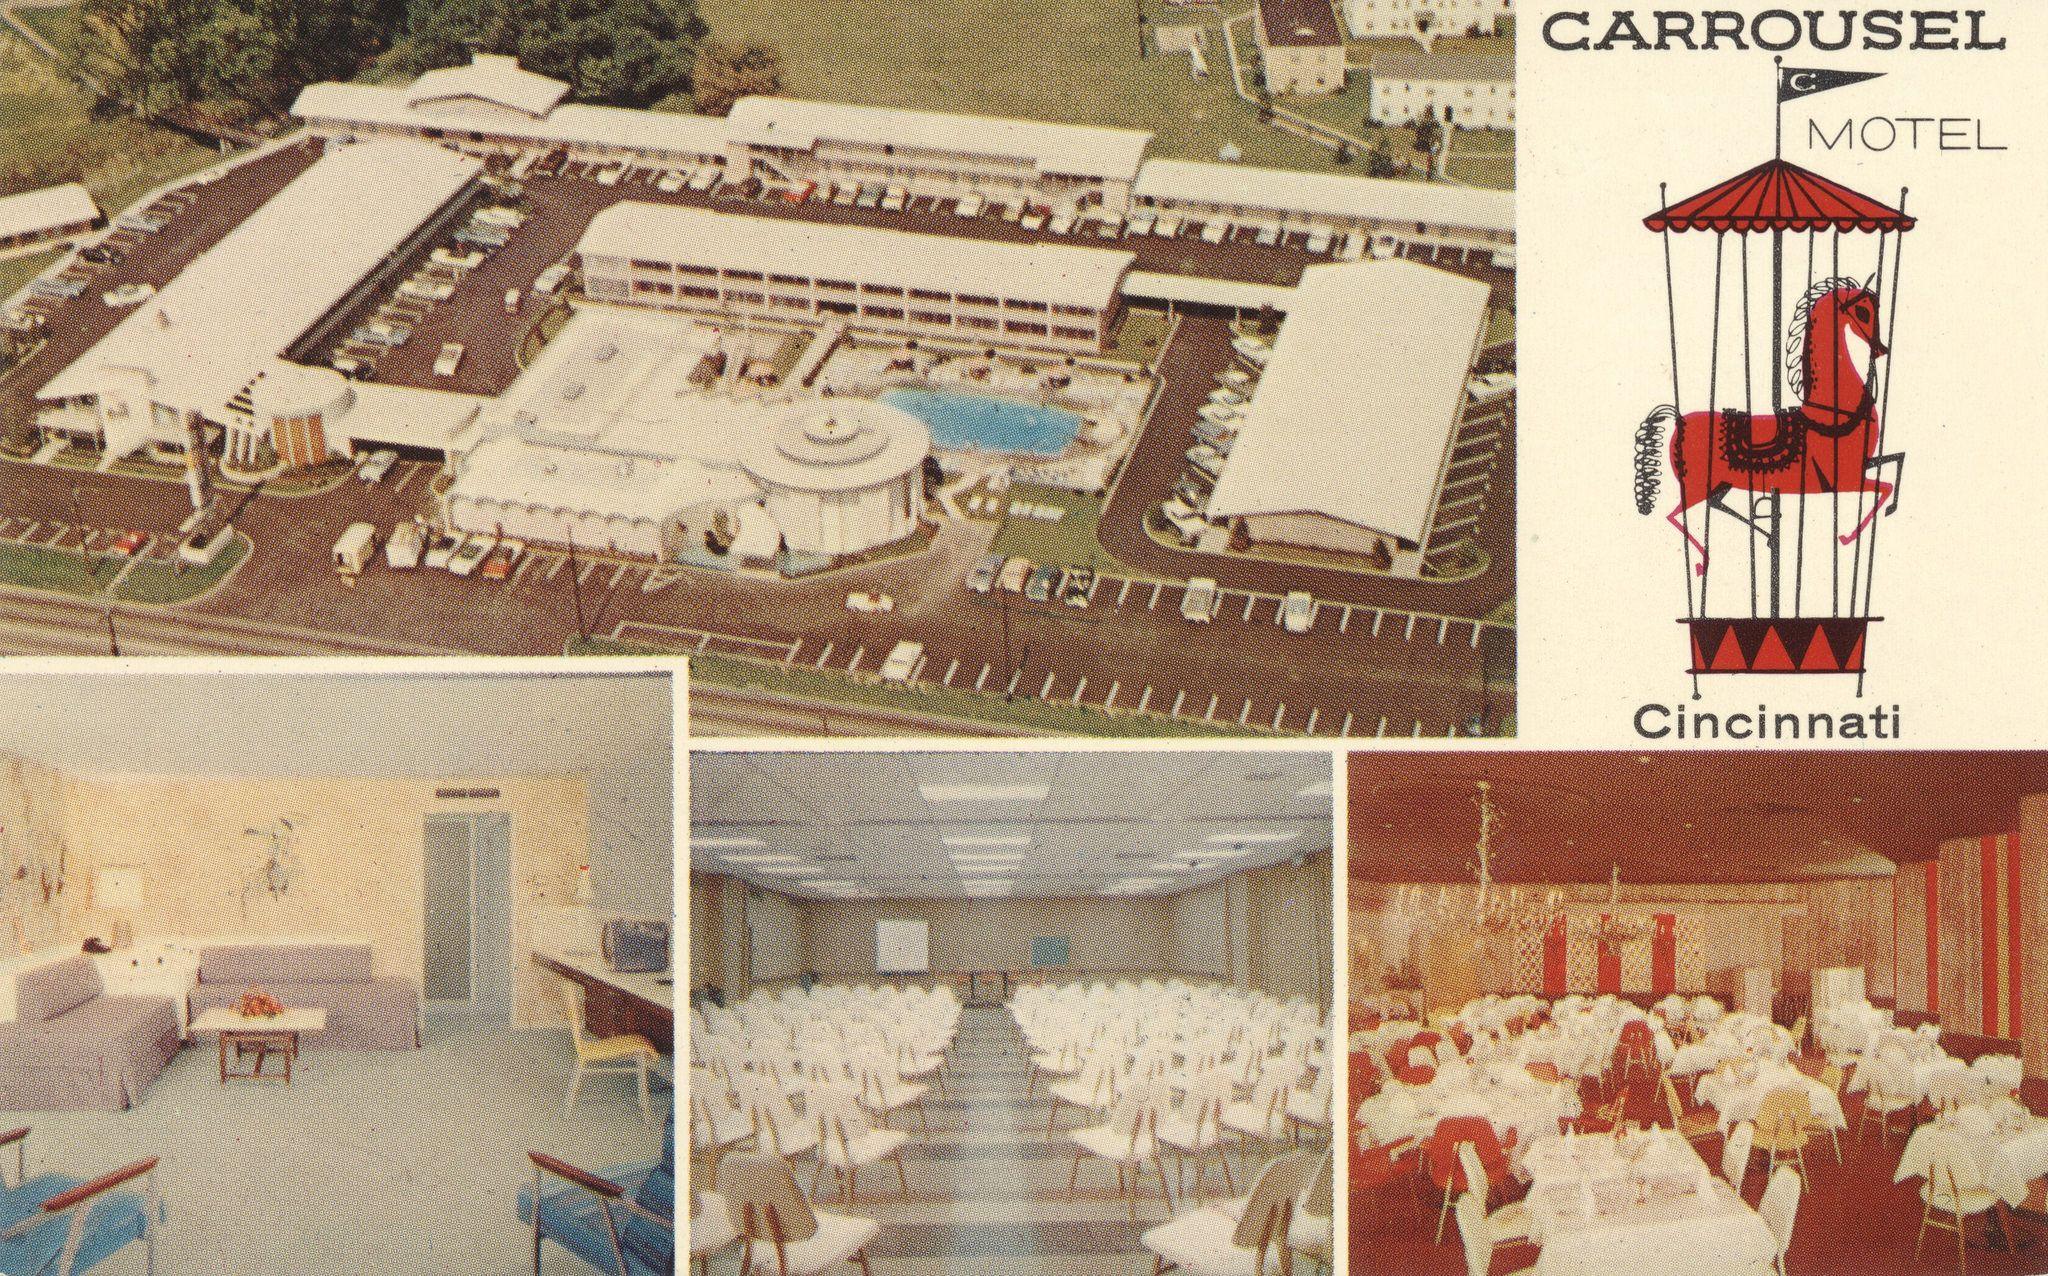 Carrousel Motel Cincinnati Ohio Cincinnati Ohio Cincinnati Ohio